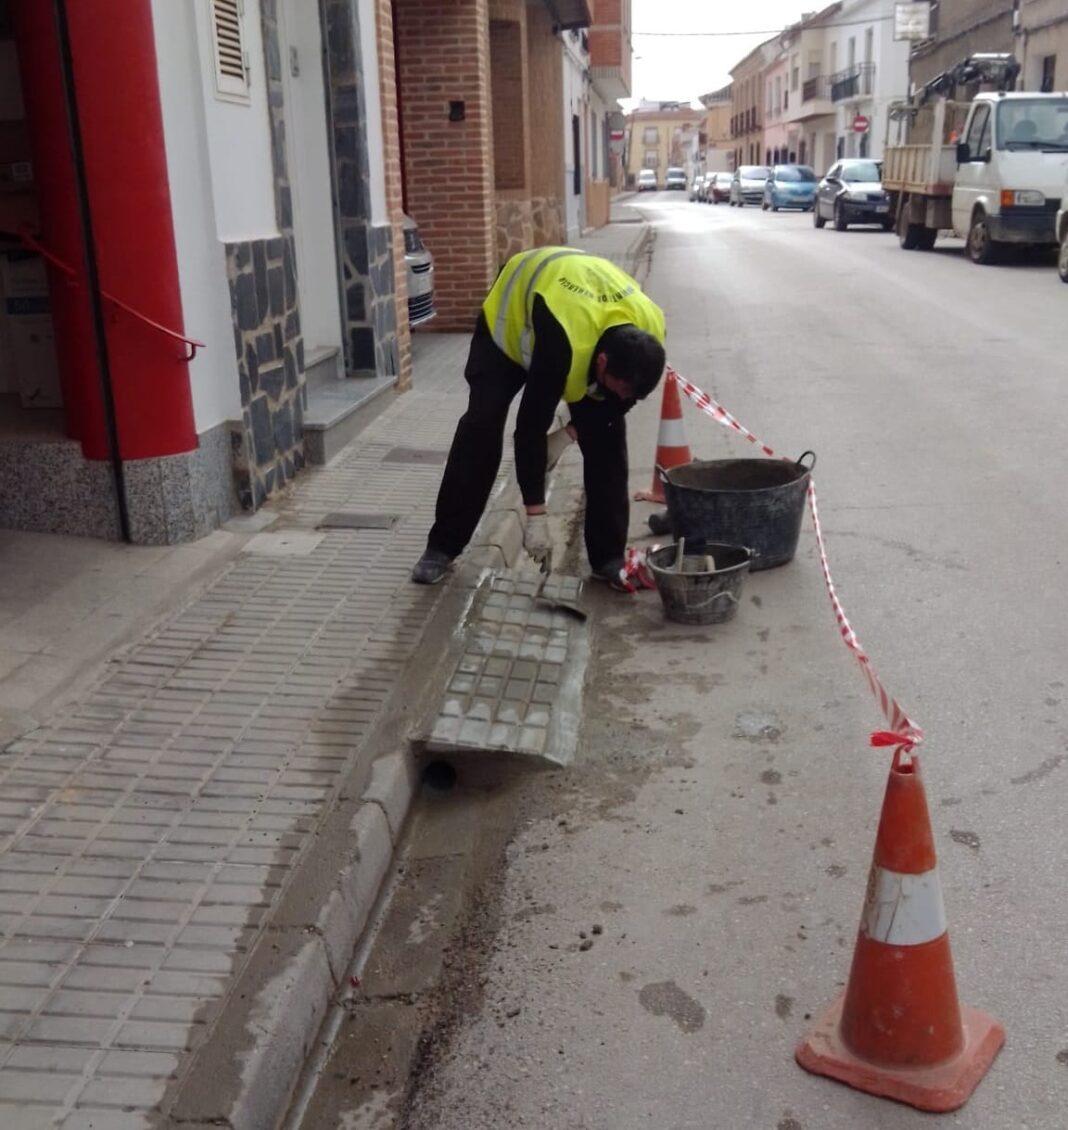 Mejoras en la accesibilidad y mantenimiento de vías públicas en Herencia 10